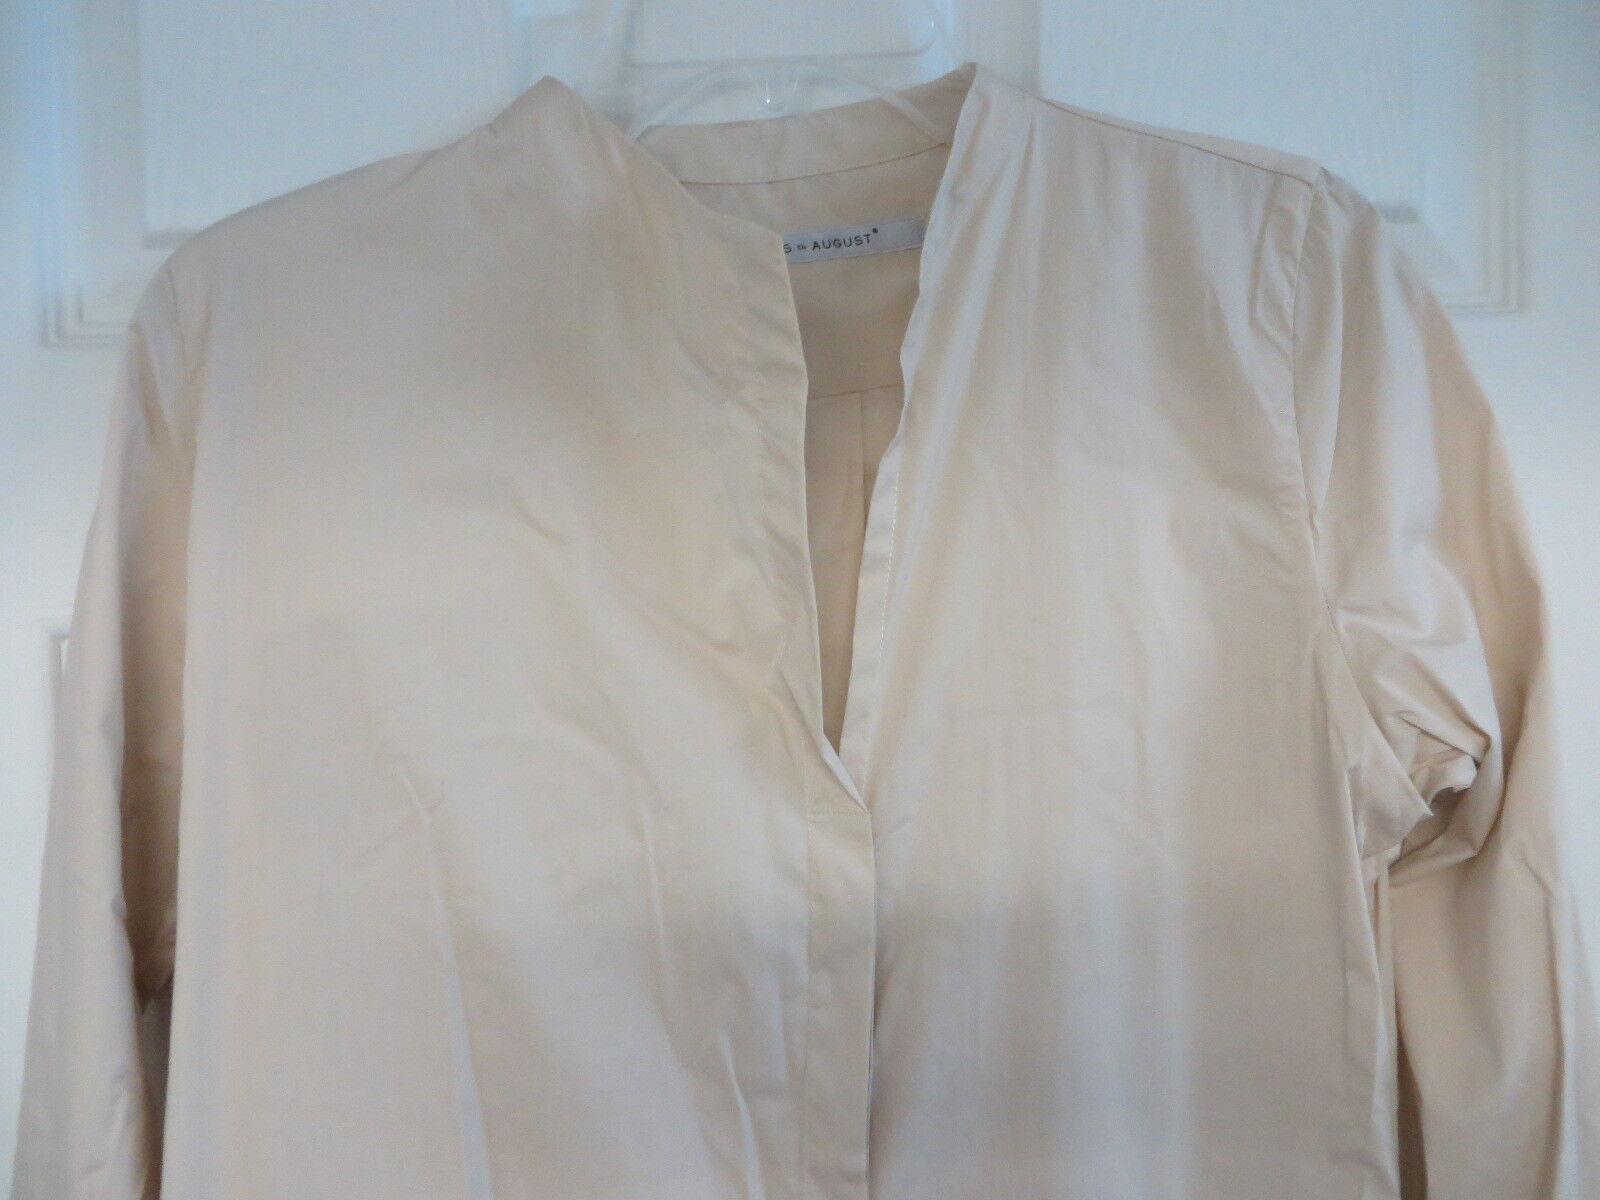 CLEMENS CLEMENS CLEMENS  EN AUGUST Austria  38 cotton stretch shirt  dress khaki 436060